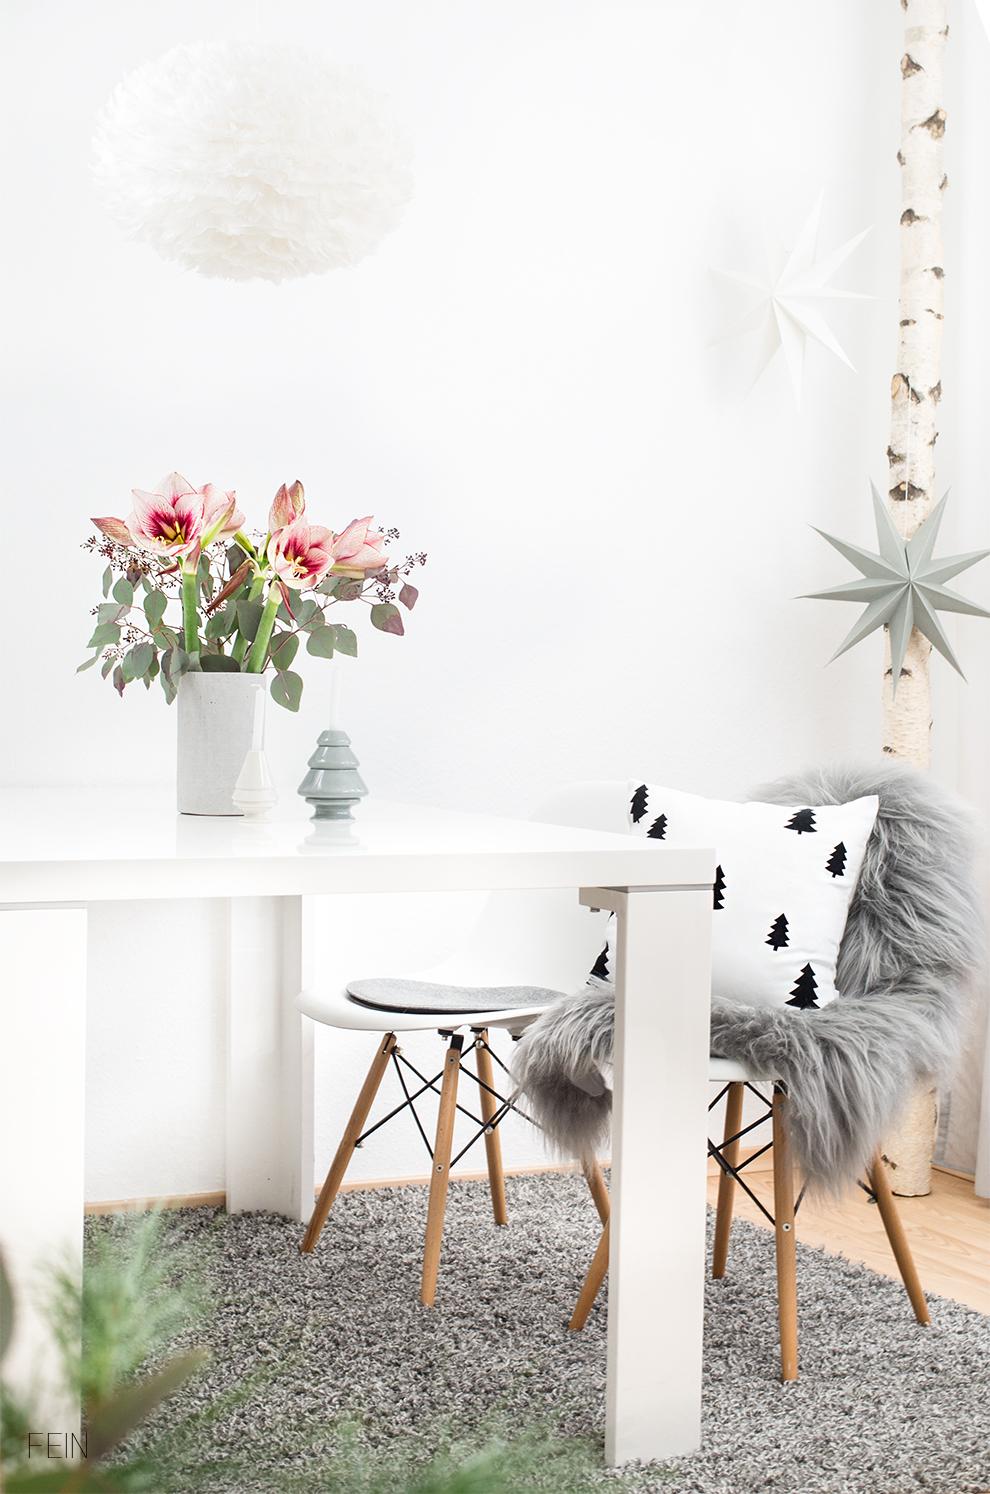 weihnachten-wohnzimmer-tannenbaum-kissen-diy